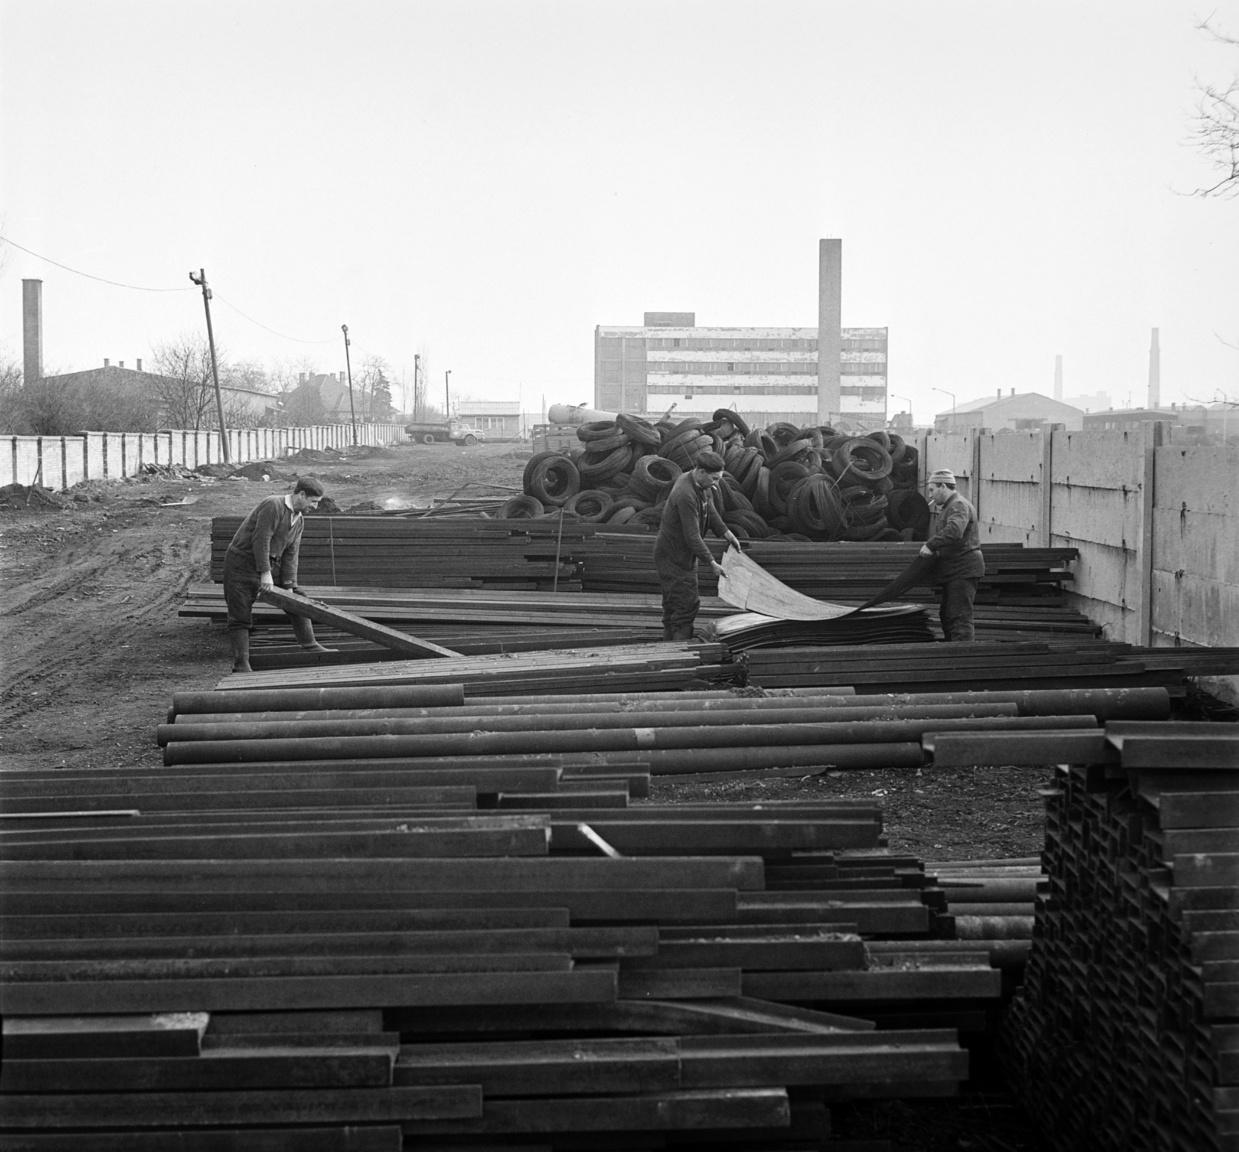 Rakodók vasidomokat, vaslemezeket pakolnak. A MÉH vállalatok által begyűjtött ócskavasnak közel 40 százaléka laza lemez volt, aminek mintegy harmadát bálázták. Laza állapotban legfeljebb 7 tonna fért belőle egy vasúti vagonba, bálázva a háromszorosa. A bálázott lemeznek az az előnye is megvolt, hogy azonnal beolvaszthatták, vagyis a bálázóhelyről közvetlenül szállíthatatták Dunaújvárosba, Ózdra, Csepelre.